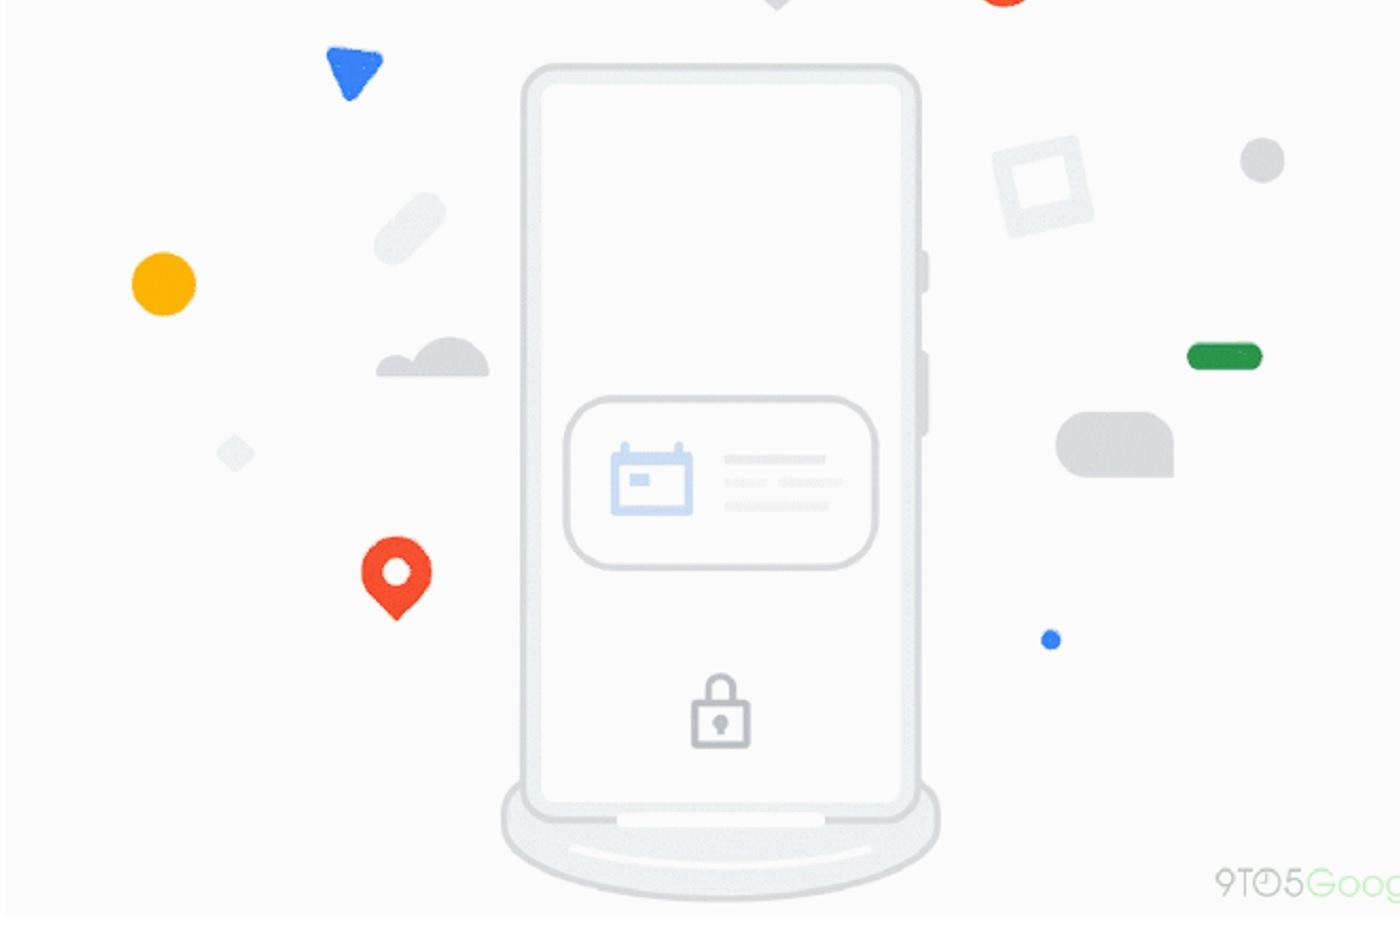 Voici à quoi ressemblerait le Pixel Stand